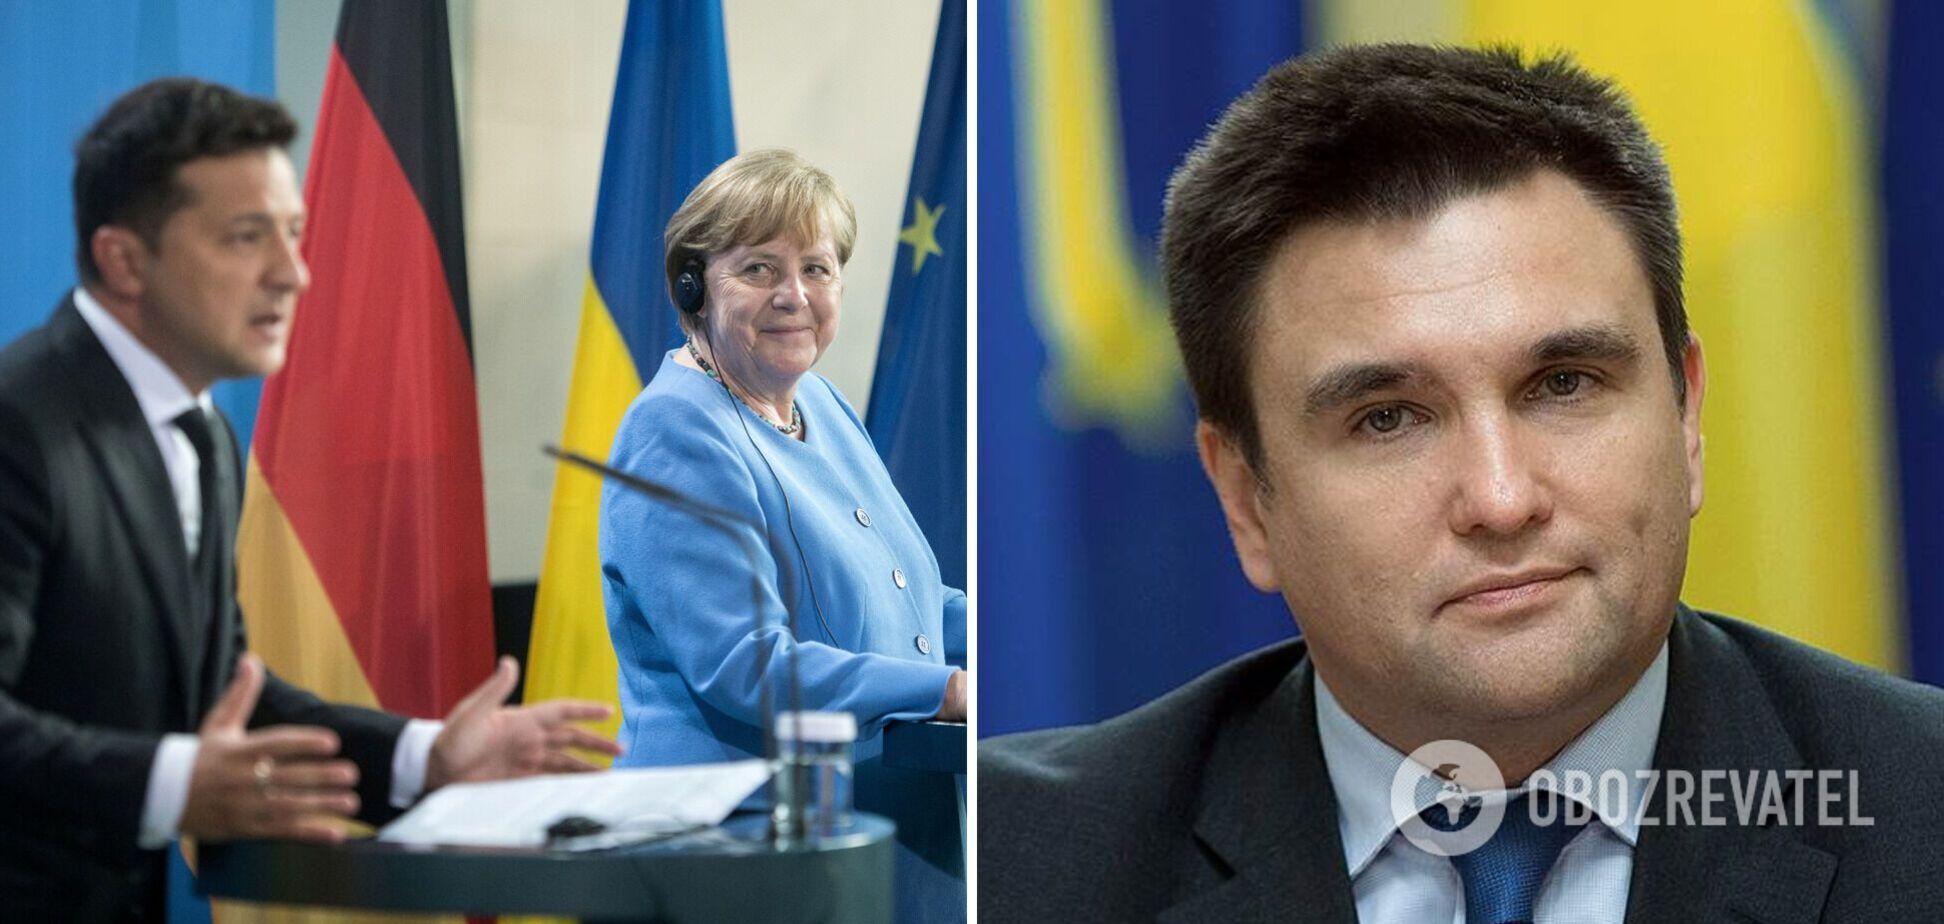 Ситуація для України може погіршитися? Клімкін сказав, чого чекати від зустрічі Меркель і Зеленського